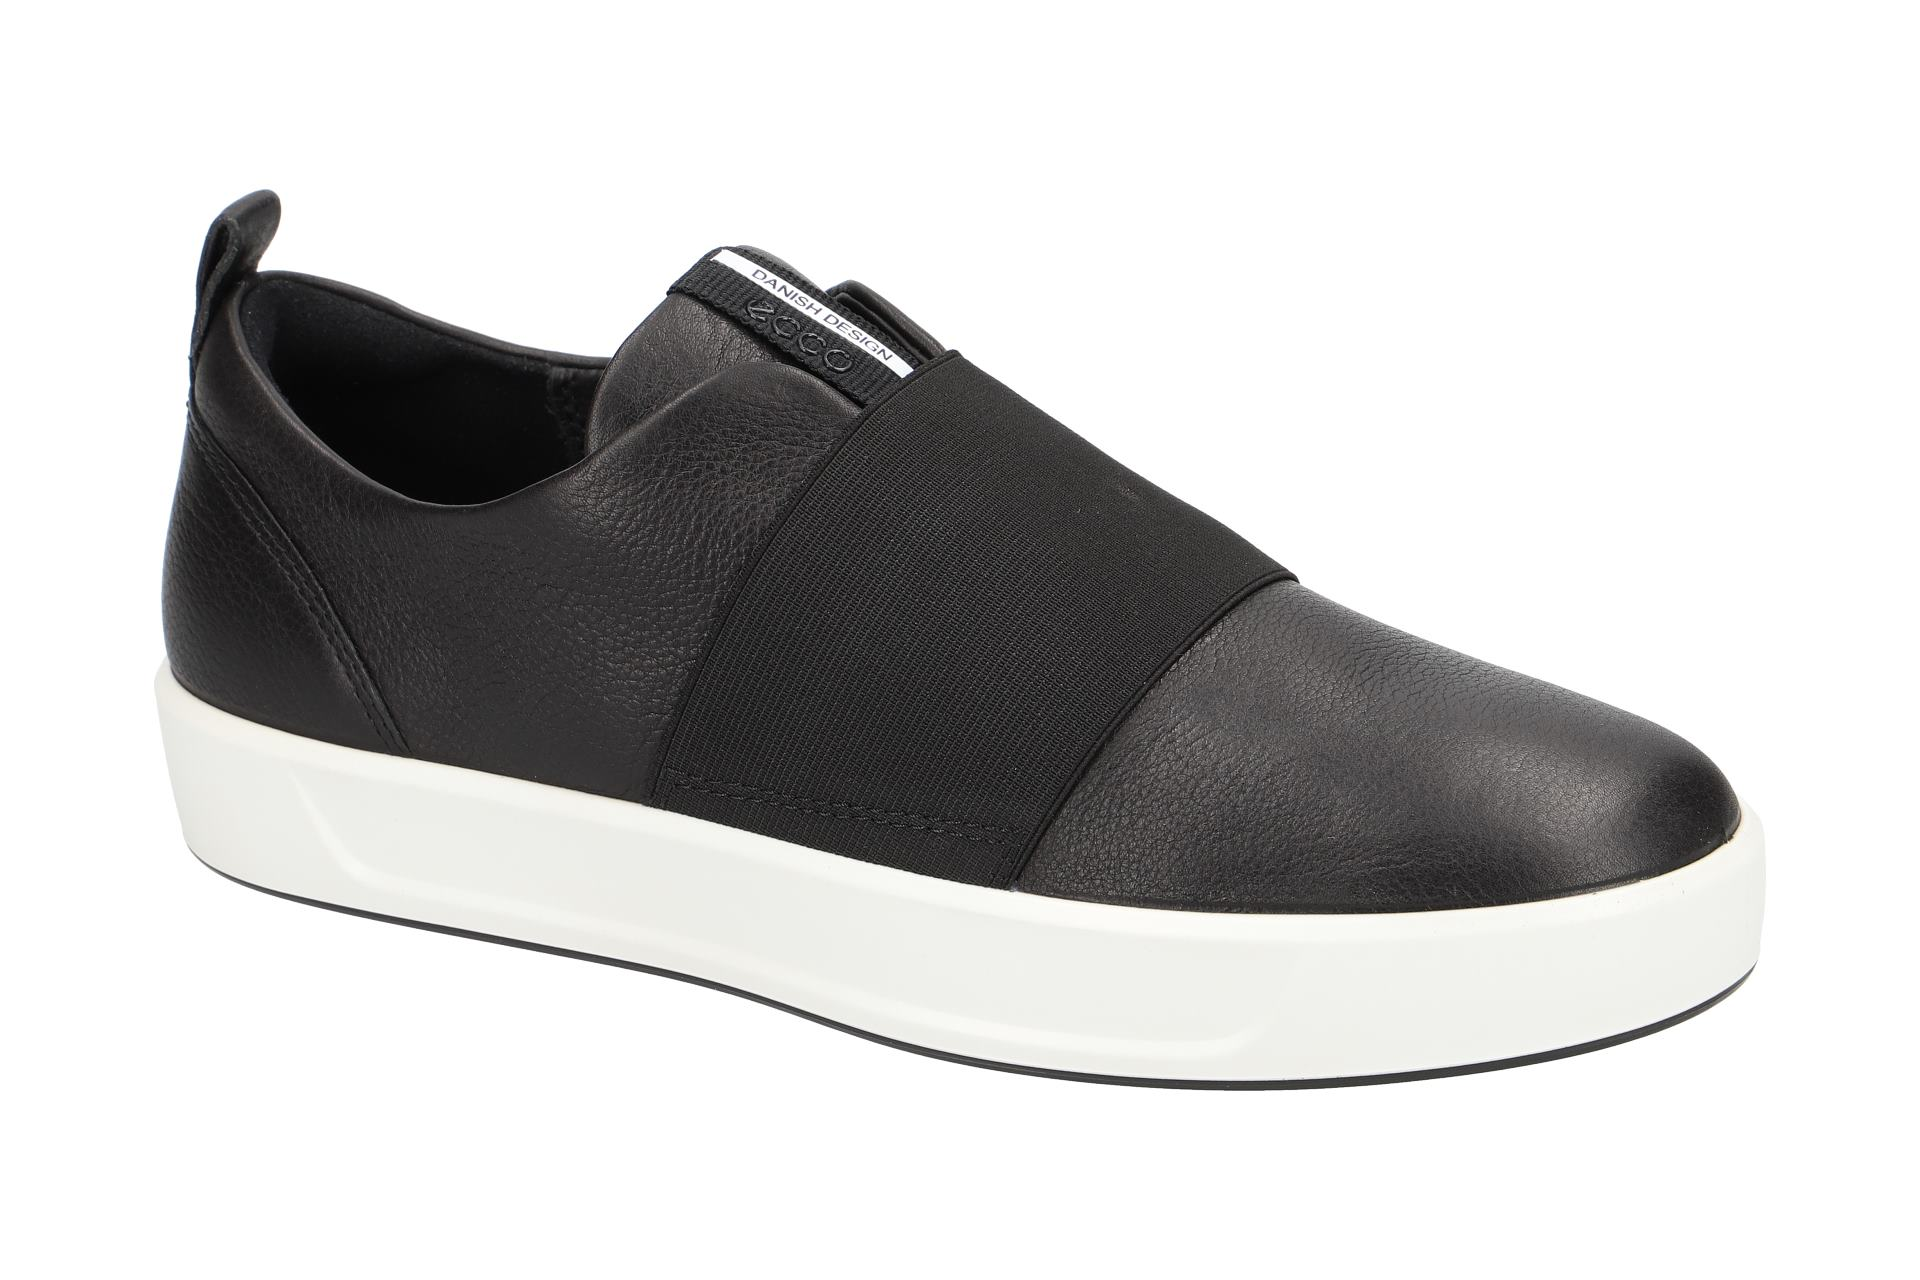 Sportliche Ecco 8 Slipper Schuhe Schwarz Ladies Soft Damenschuhe wq8FqC